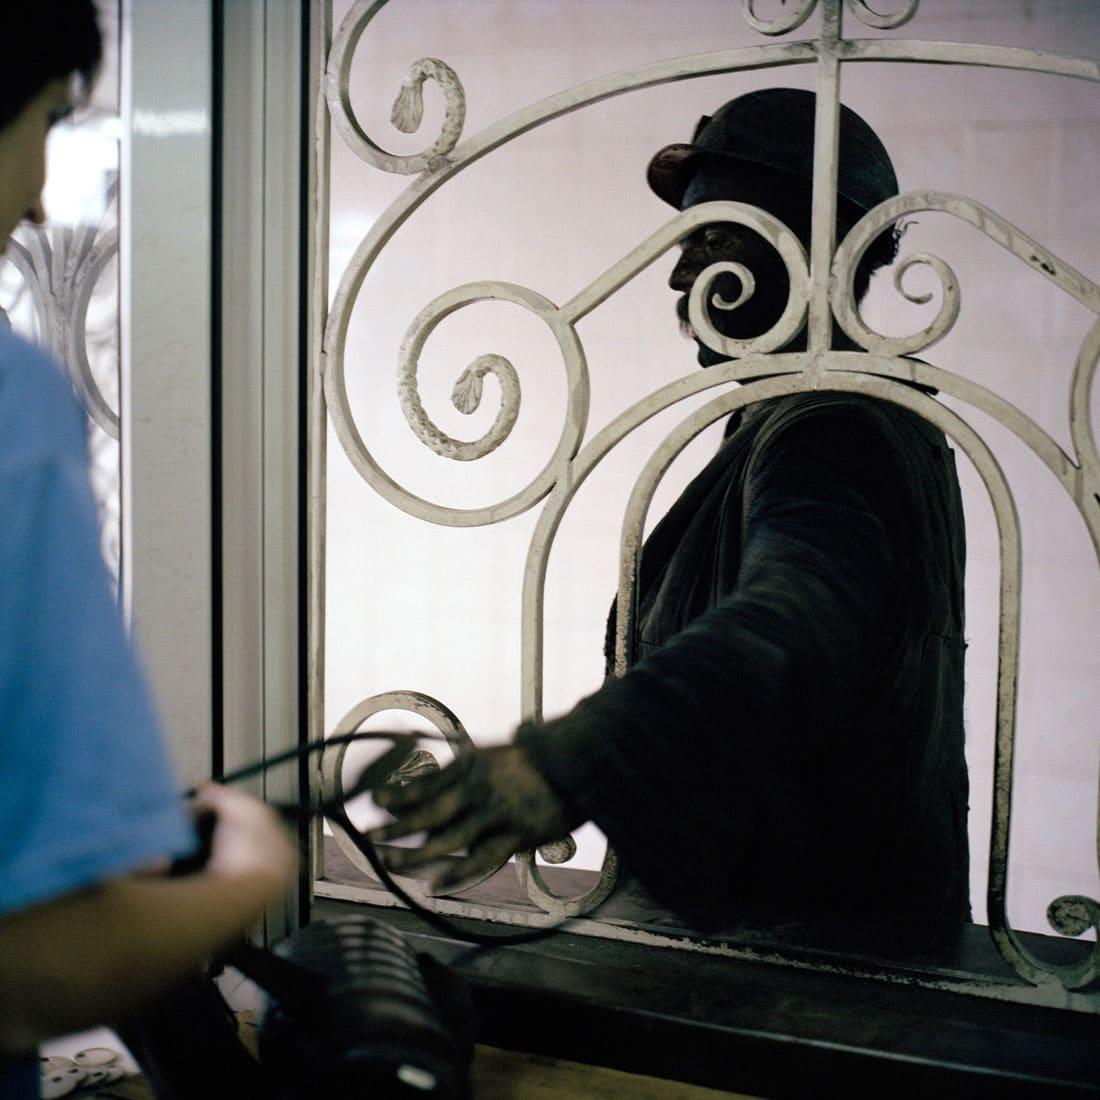 Oekraïne, Vugledar, 06-09-2006 Staats Steen kolenmijn 'Juzshno Donbasskaya Nr 3' (Zuiden van Donbass). Mijnwerkers (Koempels). Een ochtend fotografie op het mijncomplex. Een mijnwerker komt boven van de vroege dienst en levvert zijn lamp in bij de dames van de laampen afdeling. Mijnbouw, Steenkool, zwarte goud. PHOTO AND COPYRIGHT ROGER CREMERS